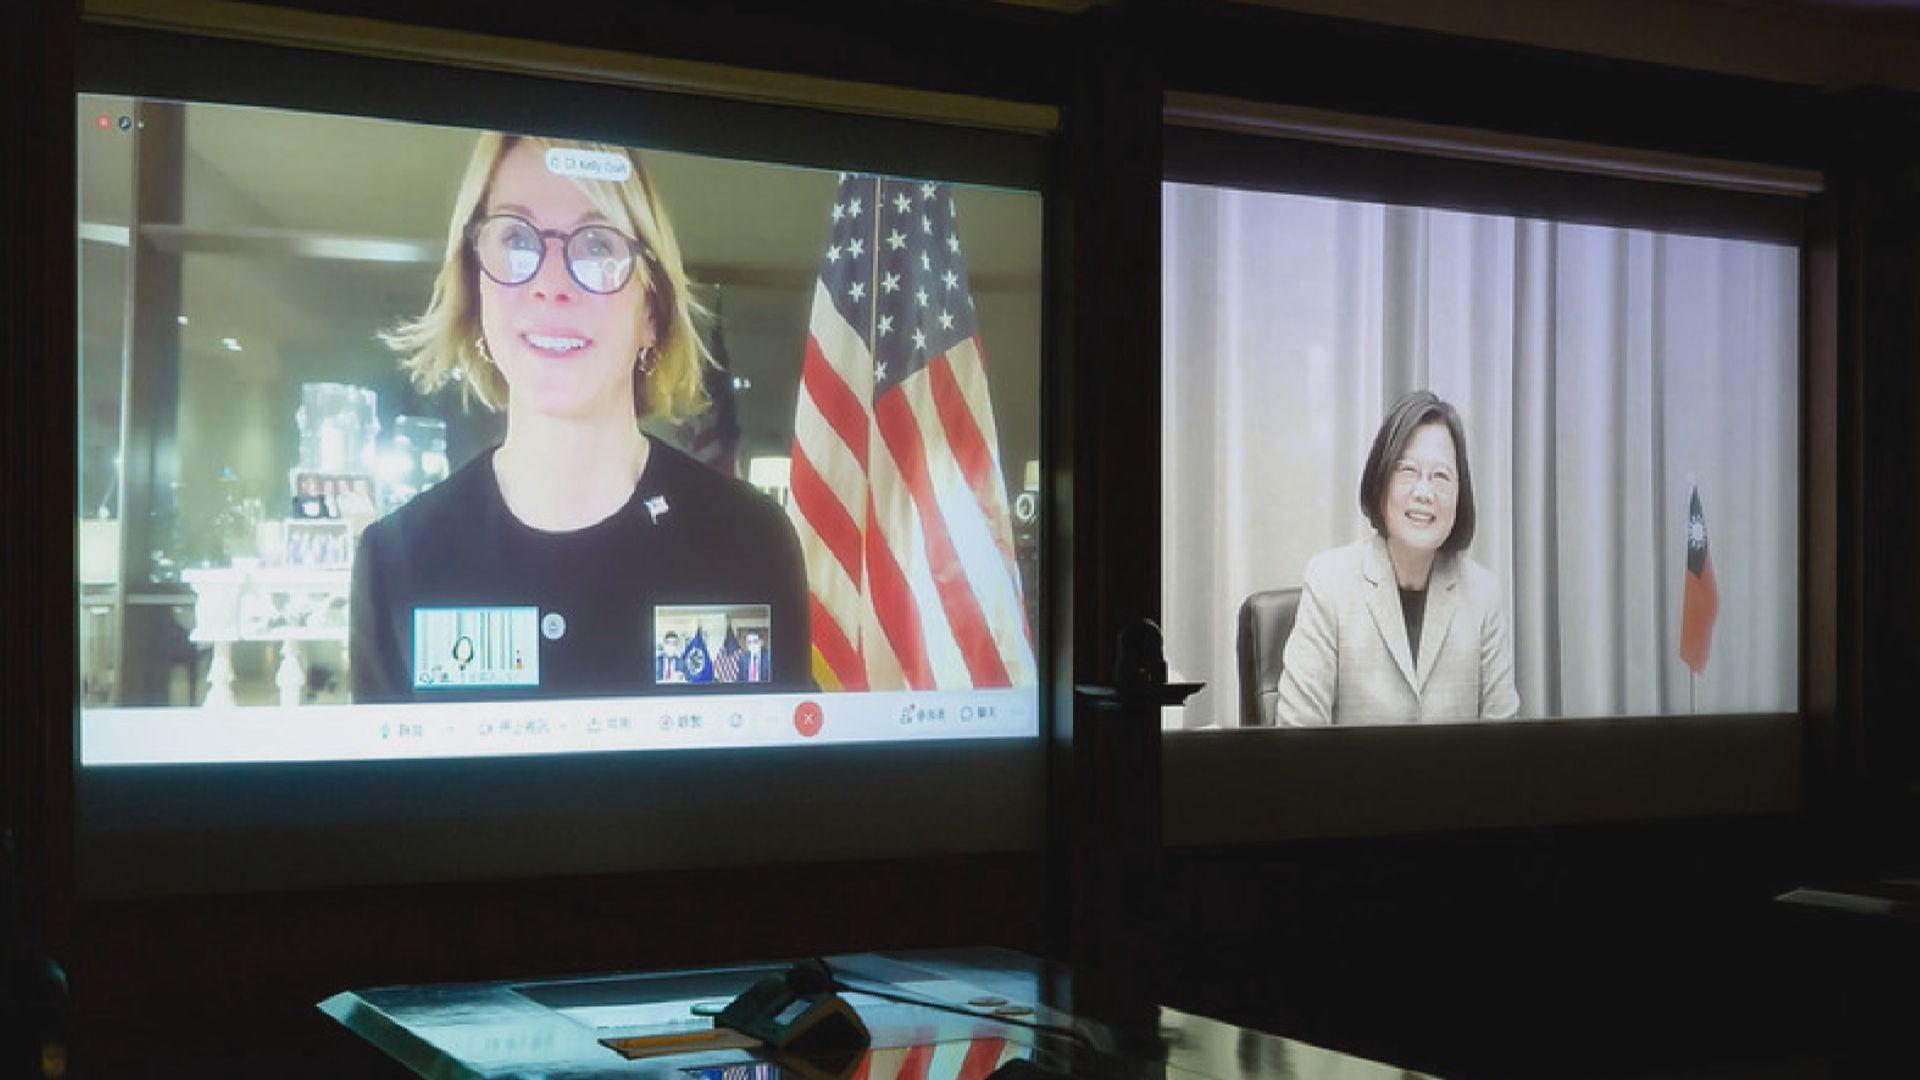 美常駐聯合國代表與蔡英文視像會面 外交部:堅決反對美台官方往來